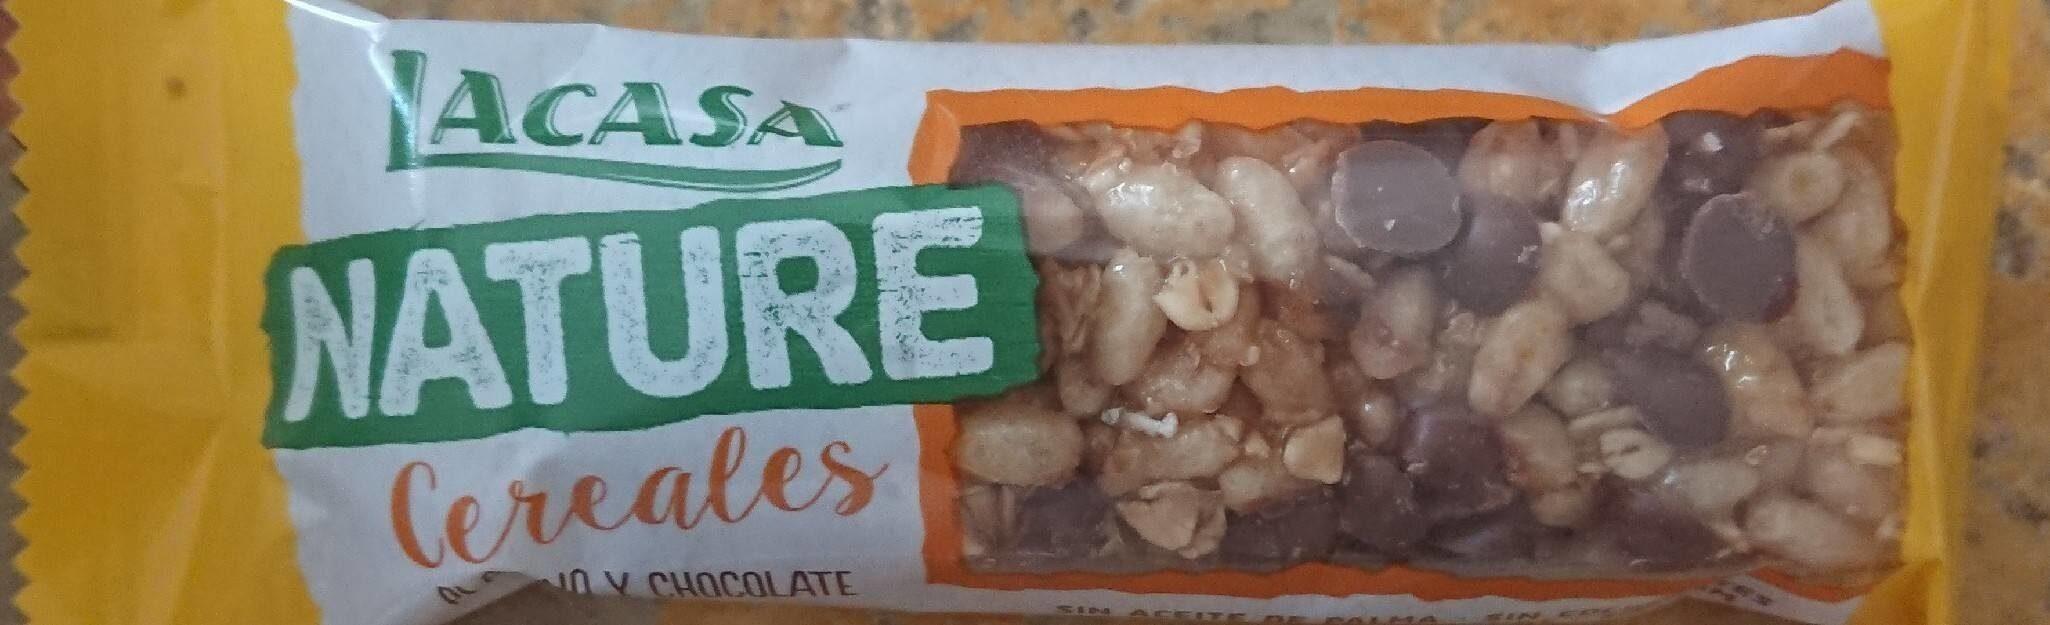 Barre de céréales au chocolat - Producte - es